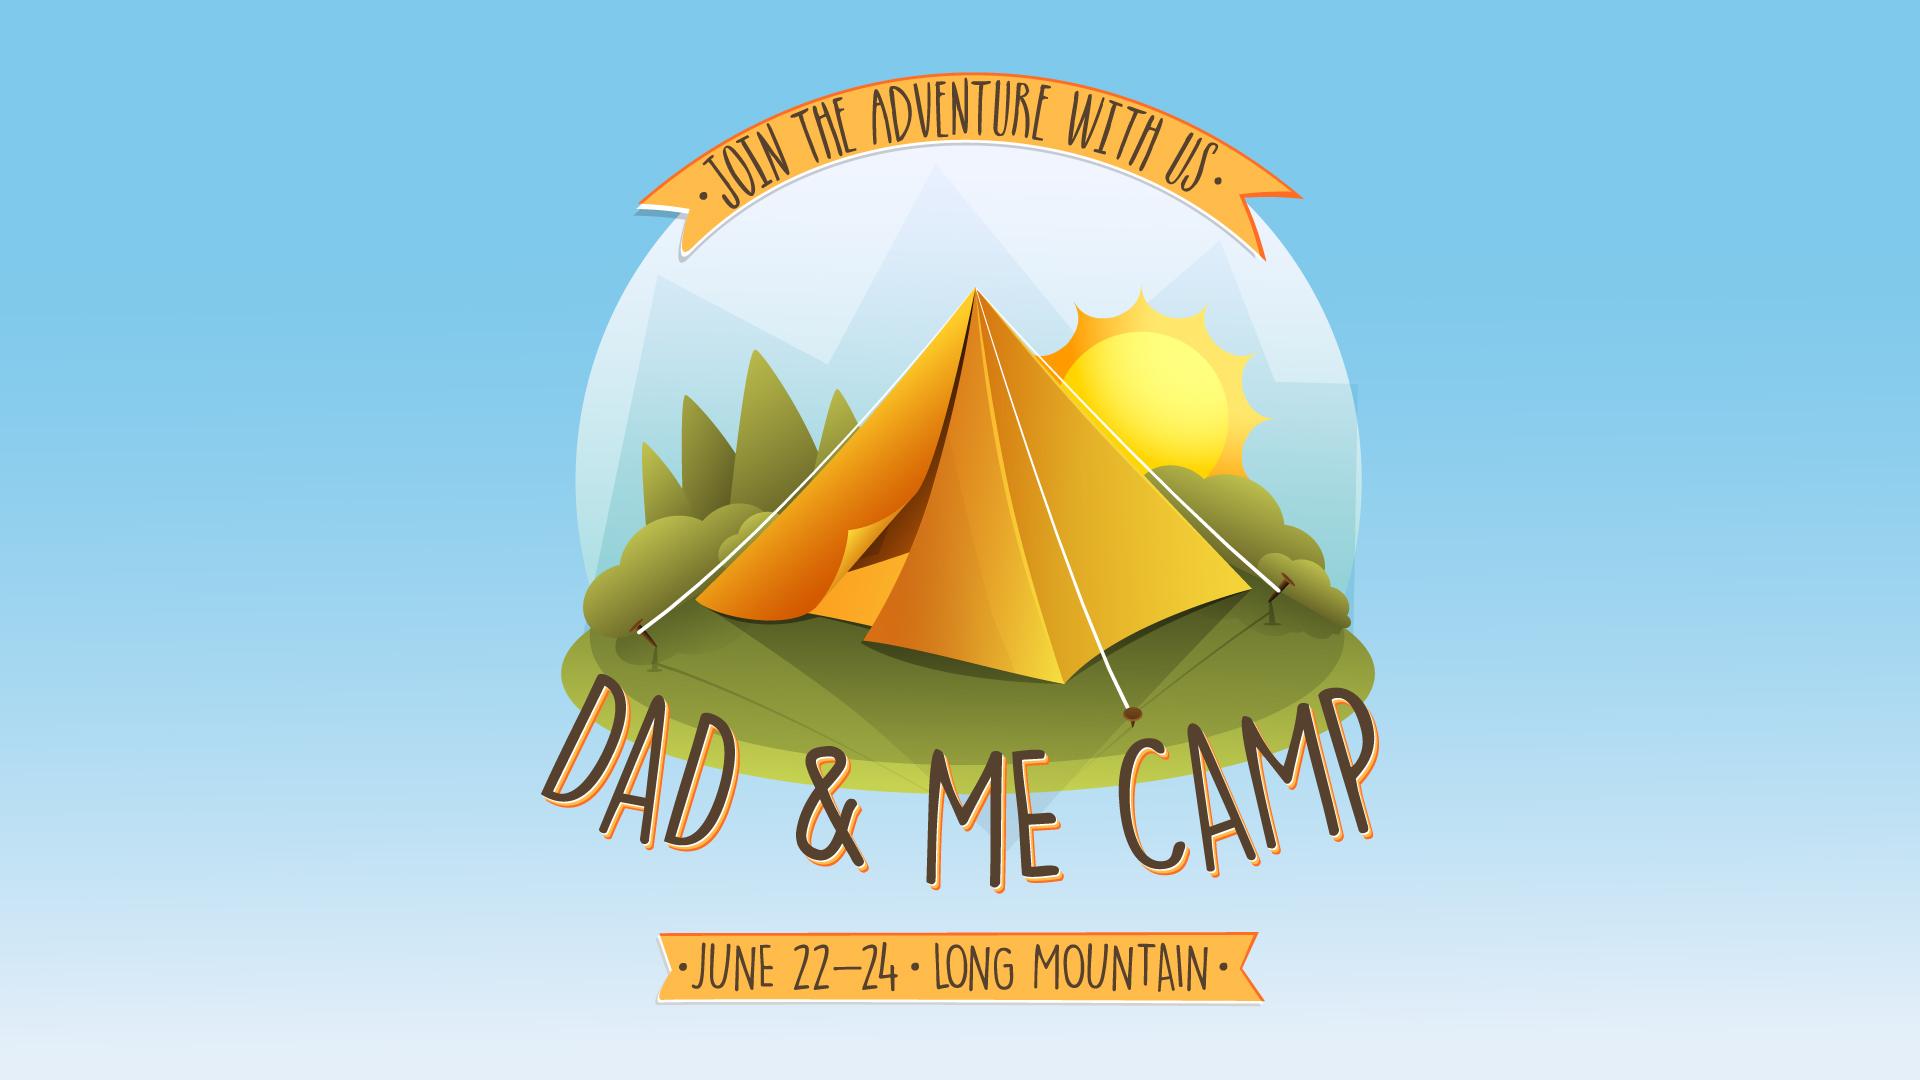 DAD-&-ME-CAMP-2018.jpg